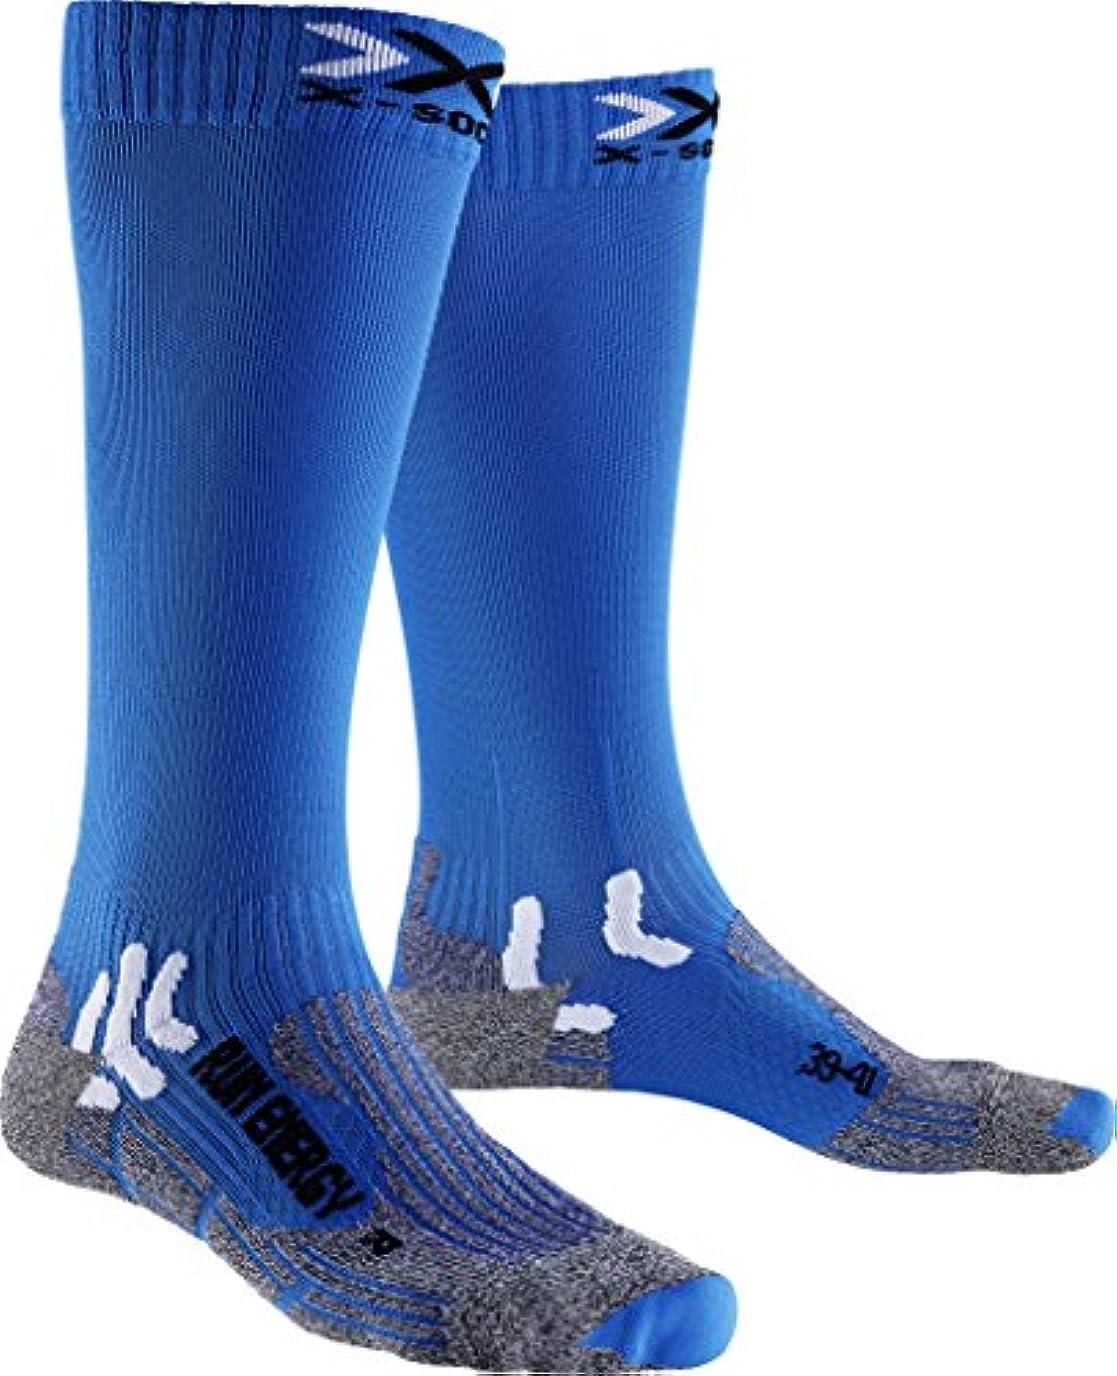 改善する誘発するビスケットメンズとレディース1ペアx-socks実行Energiser圧縮ソックス